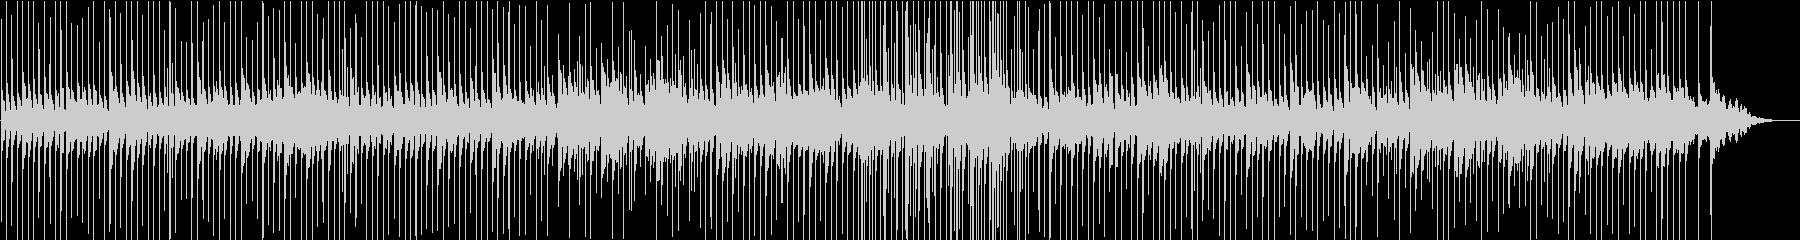 ヴァヴィロフの「アヴェ・マリア」の未再生の波形